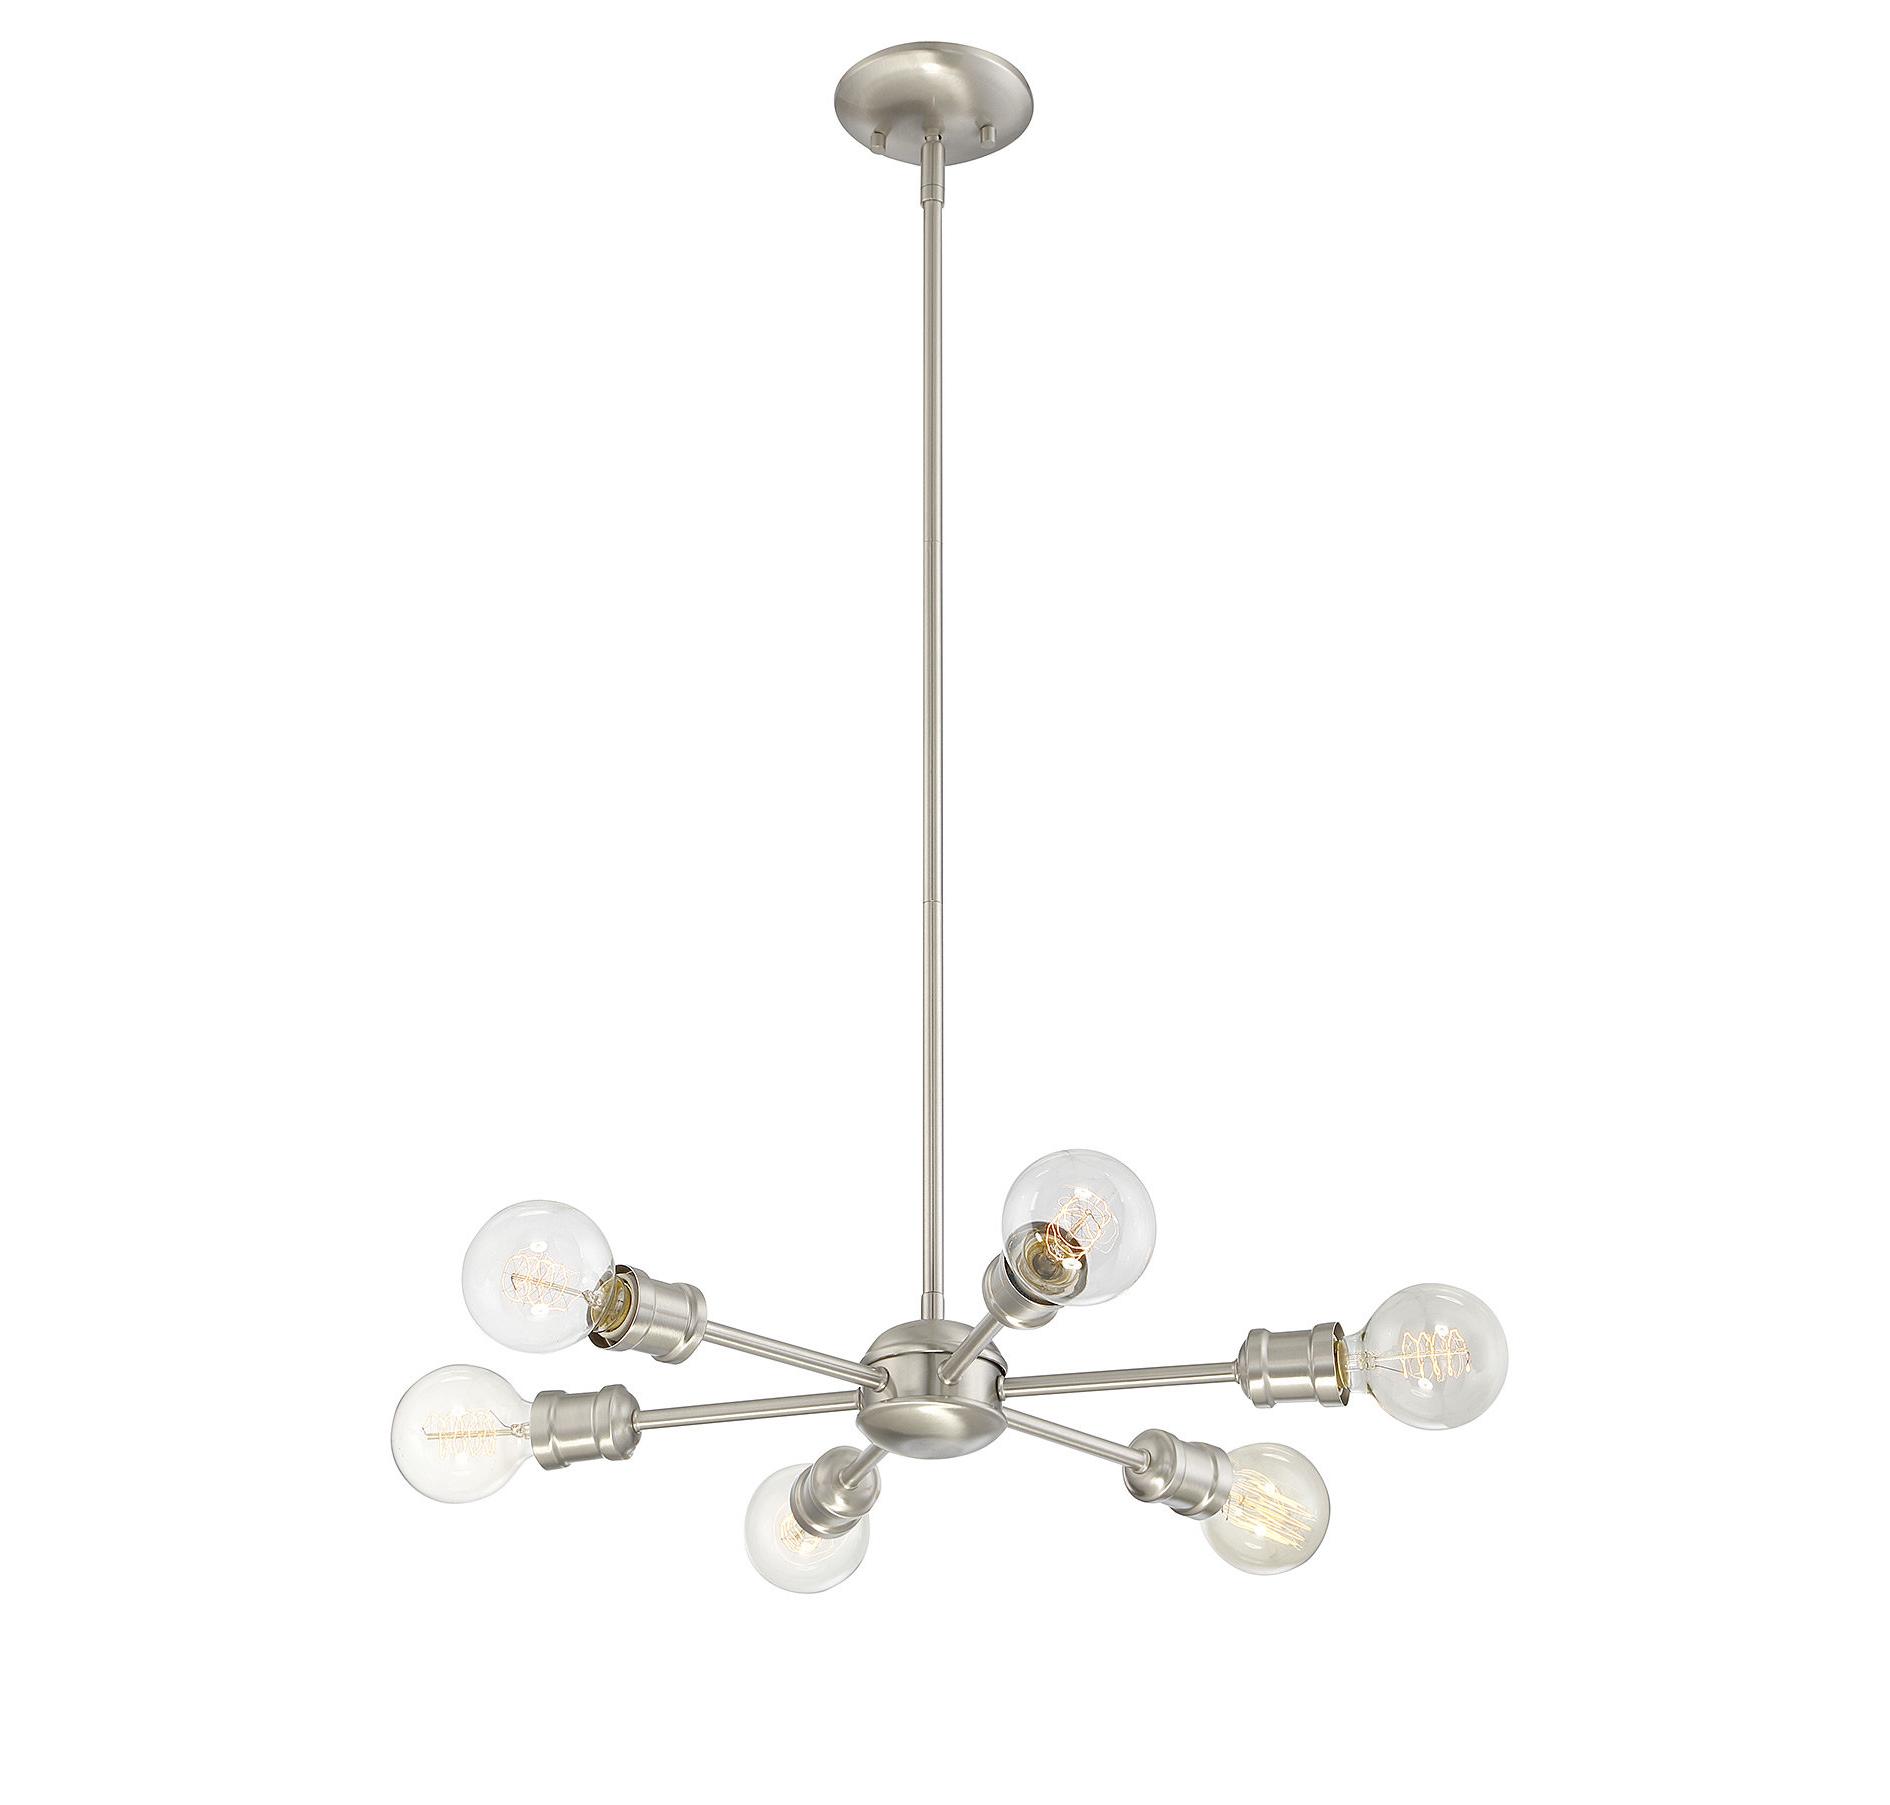 Bautista 6 Light Sputnik Chandelier With Regard To Current Asher 12 Light Sputnik Chandeliers (Gallery 12 of 20)